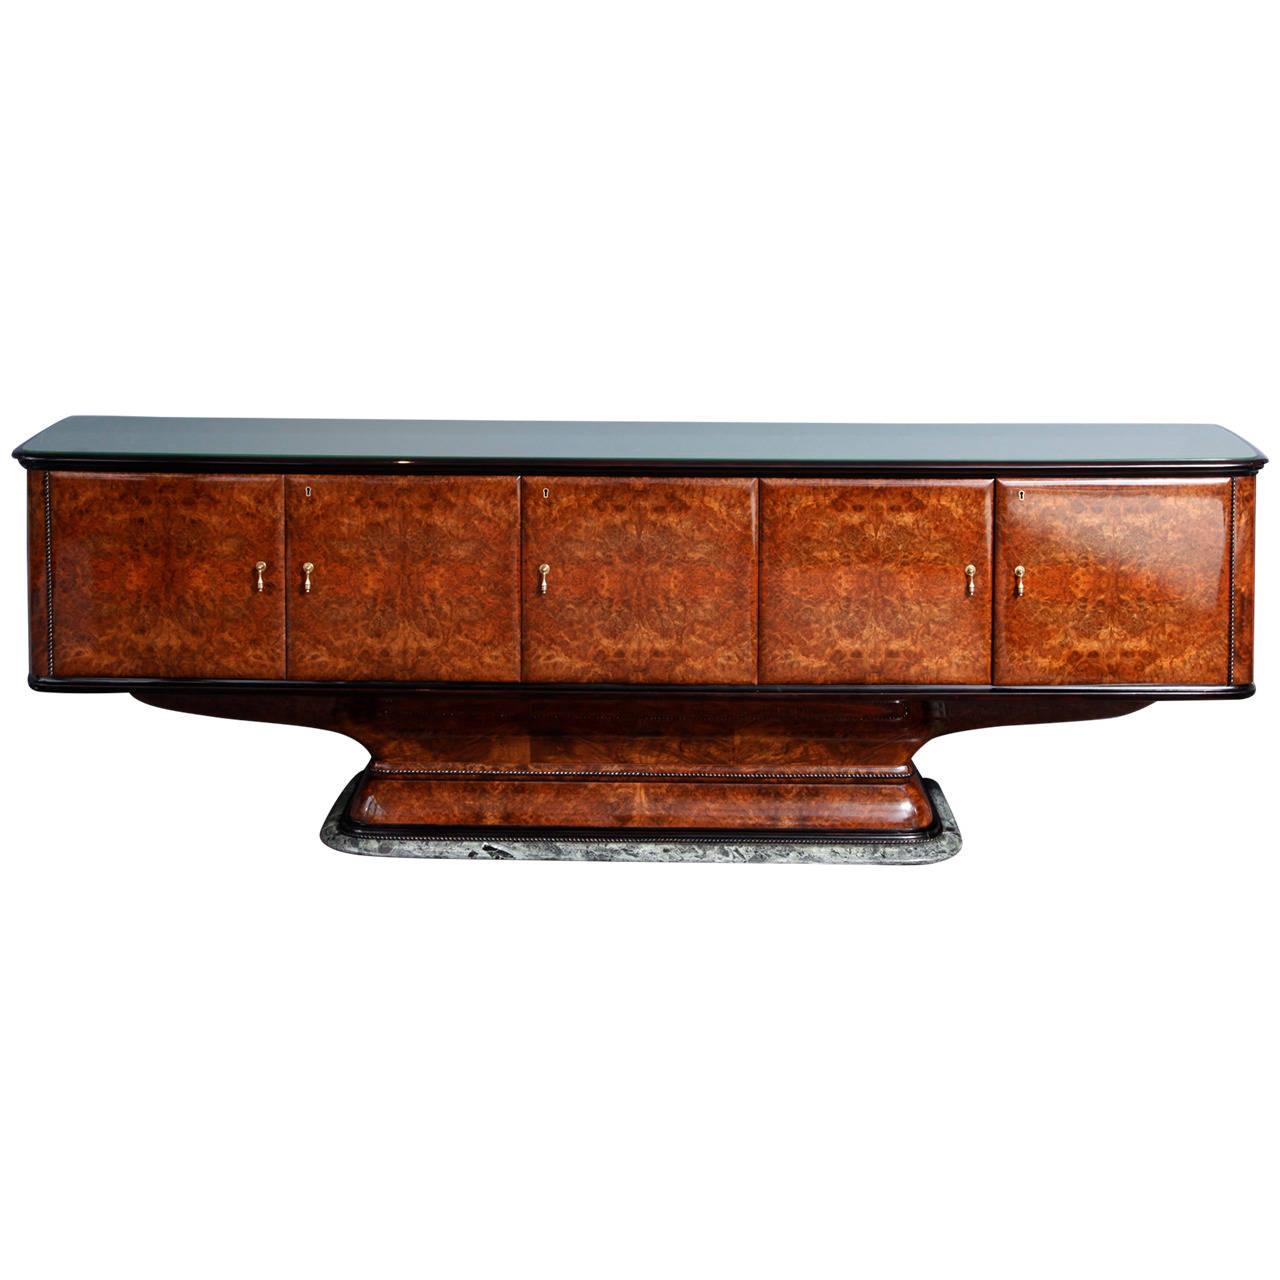 Sideboard from Osvaldo Borsani